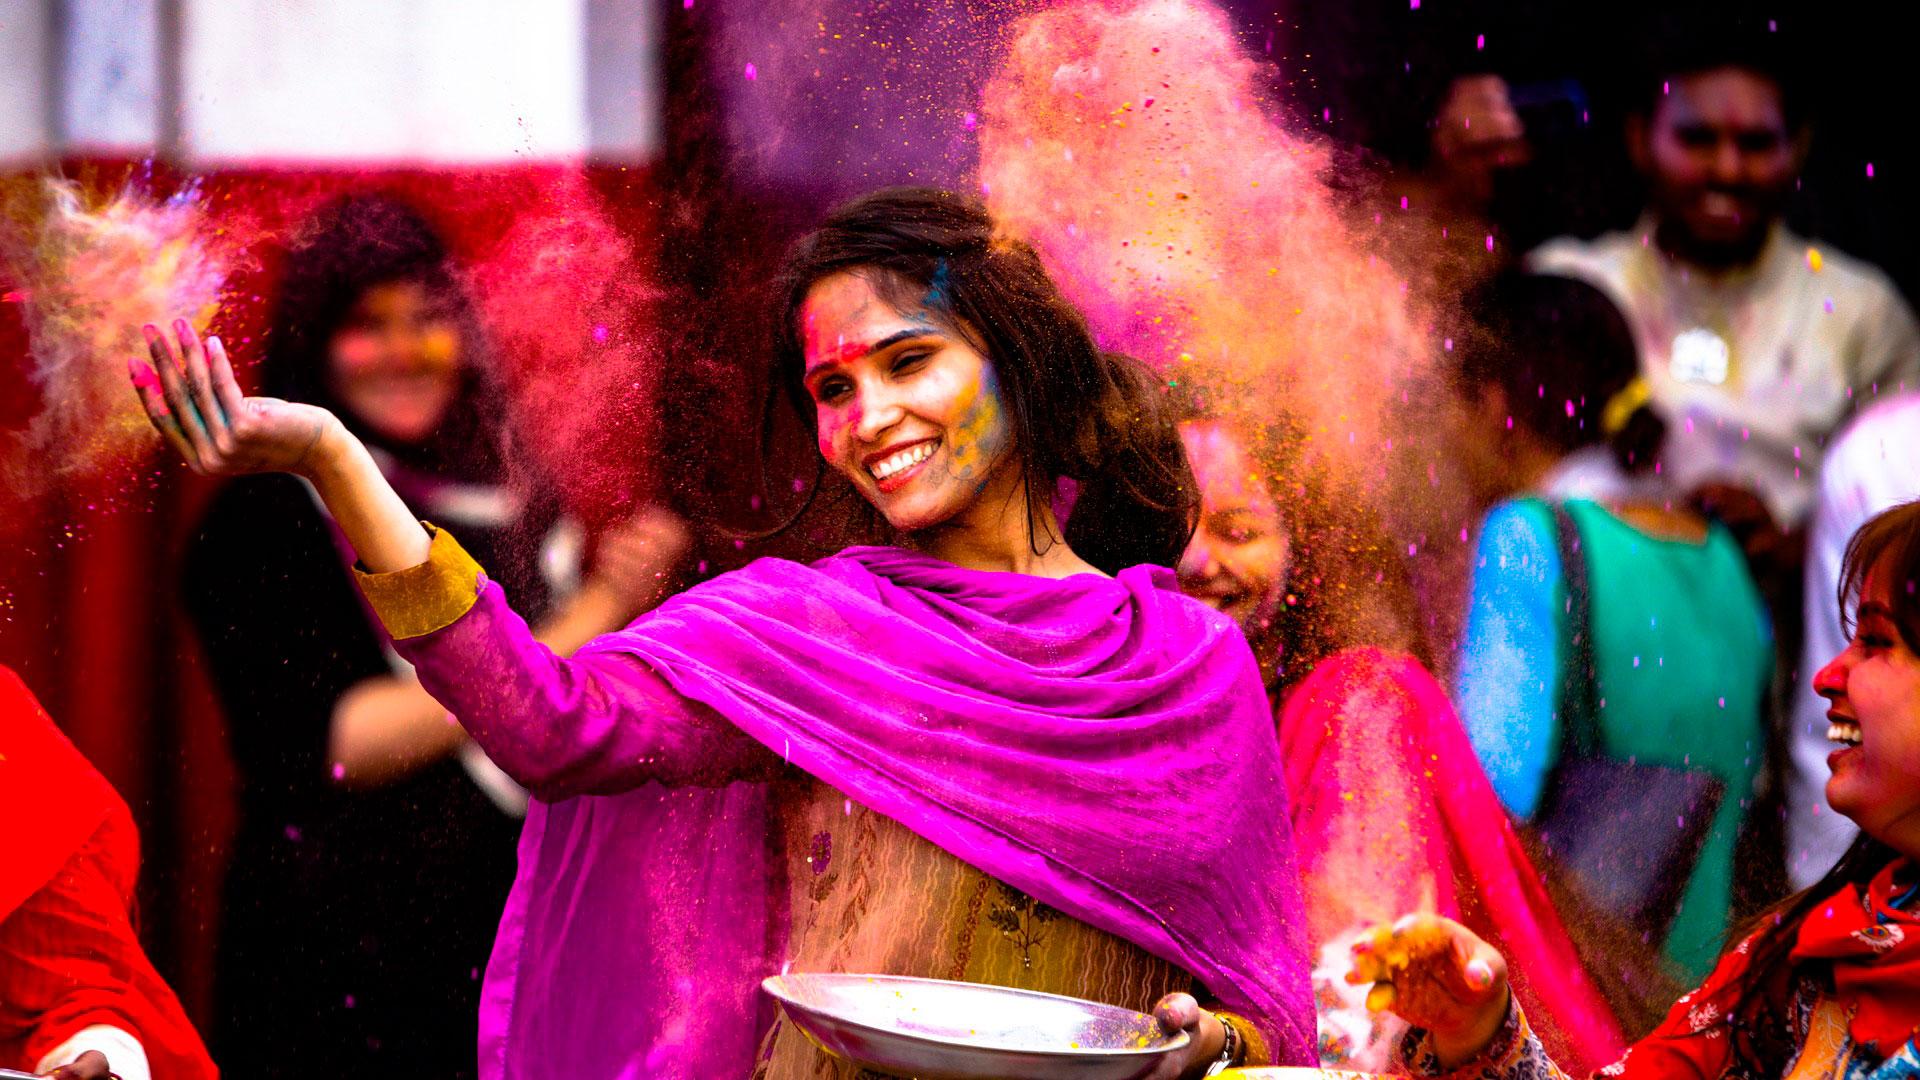 Los Colores De La India En El Festival De Holi Dtn